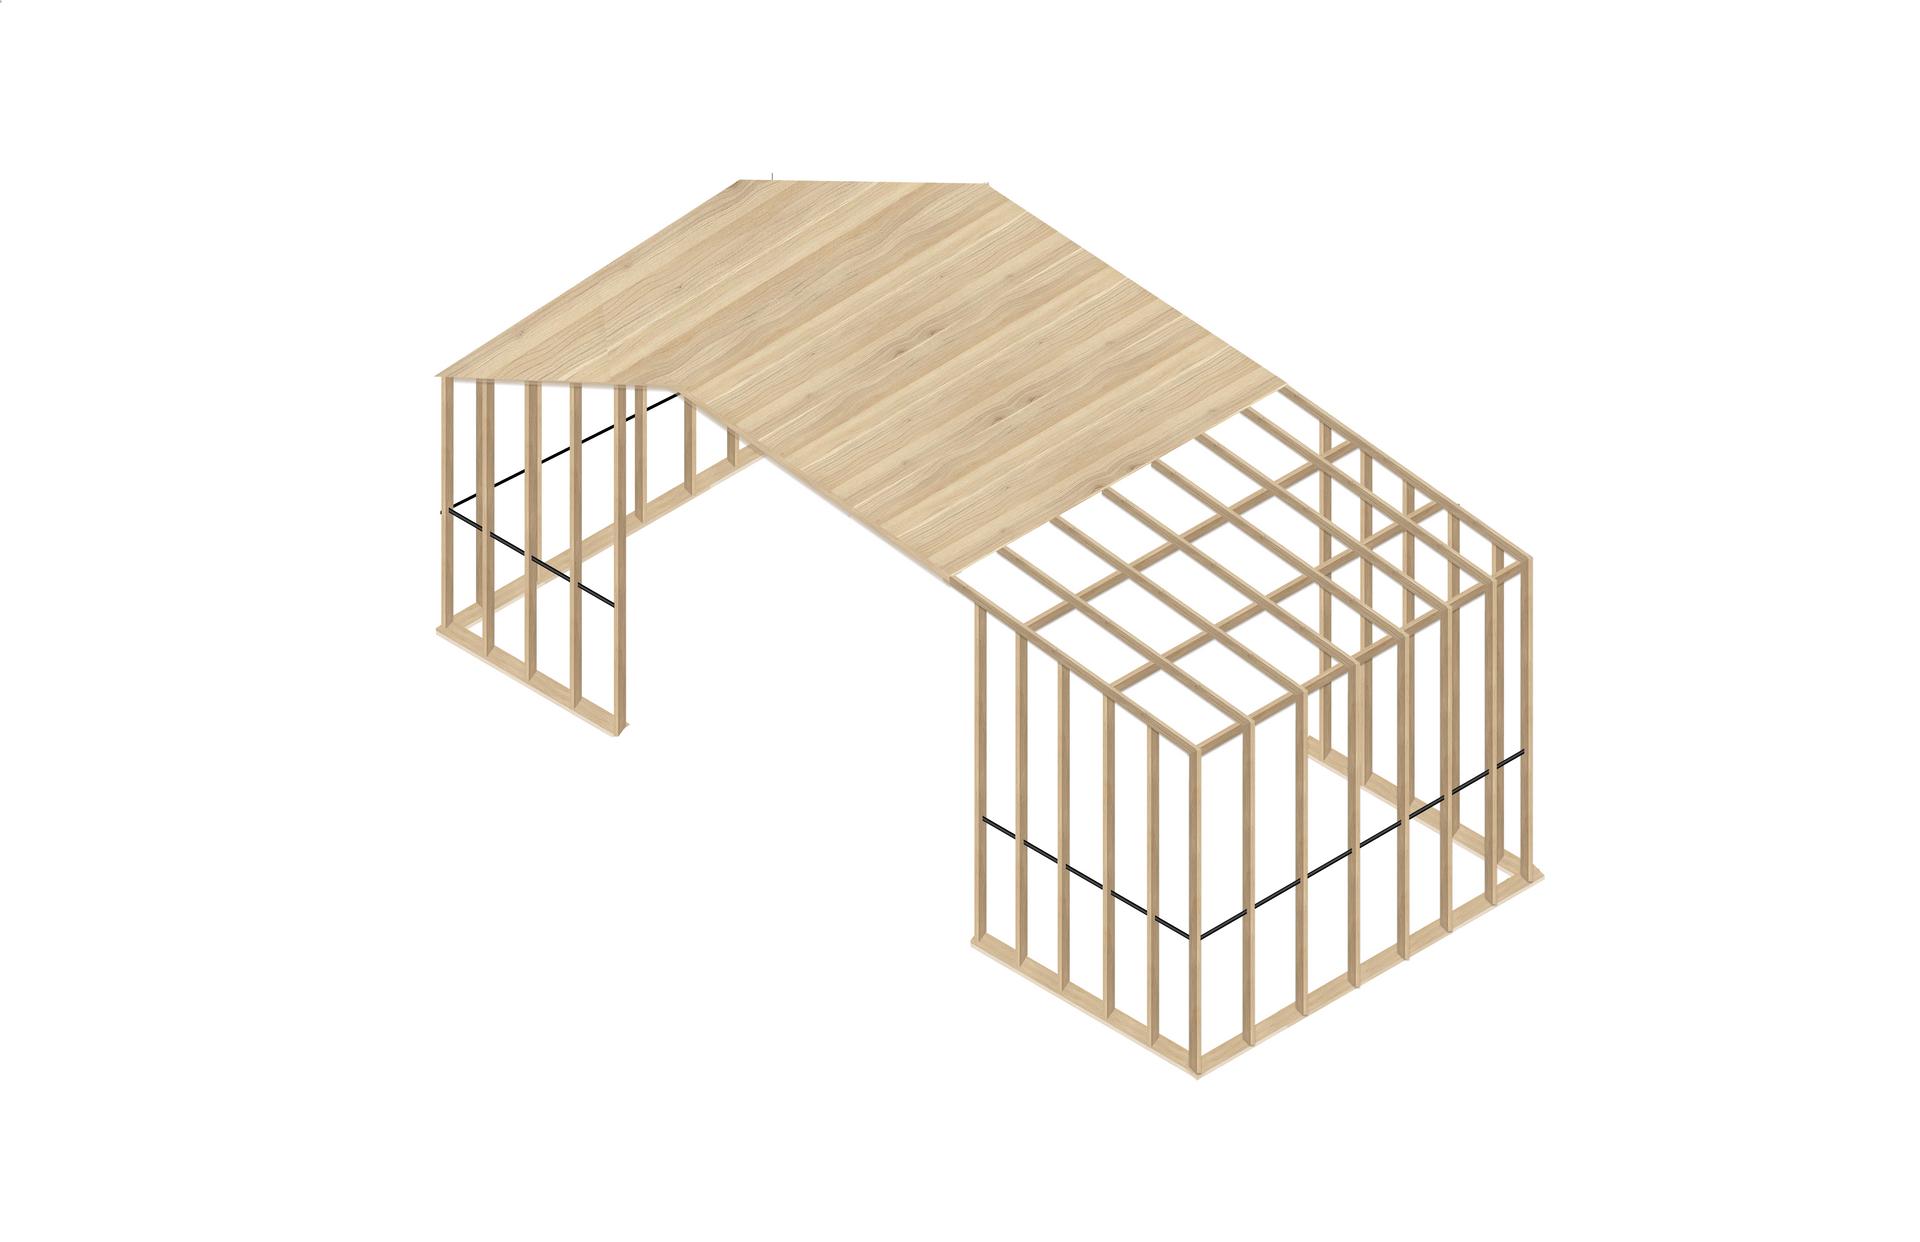 Wood Details 2.png